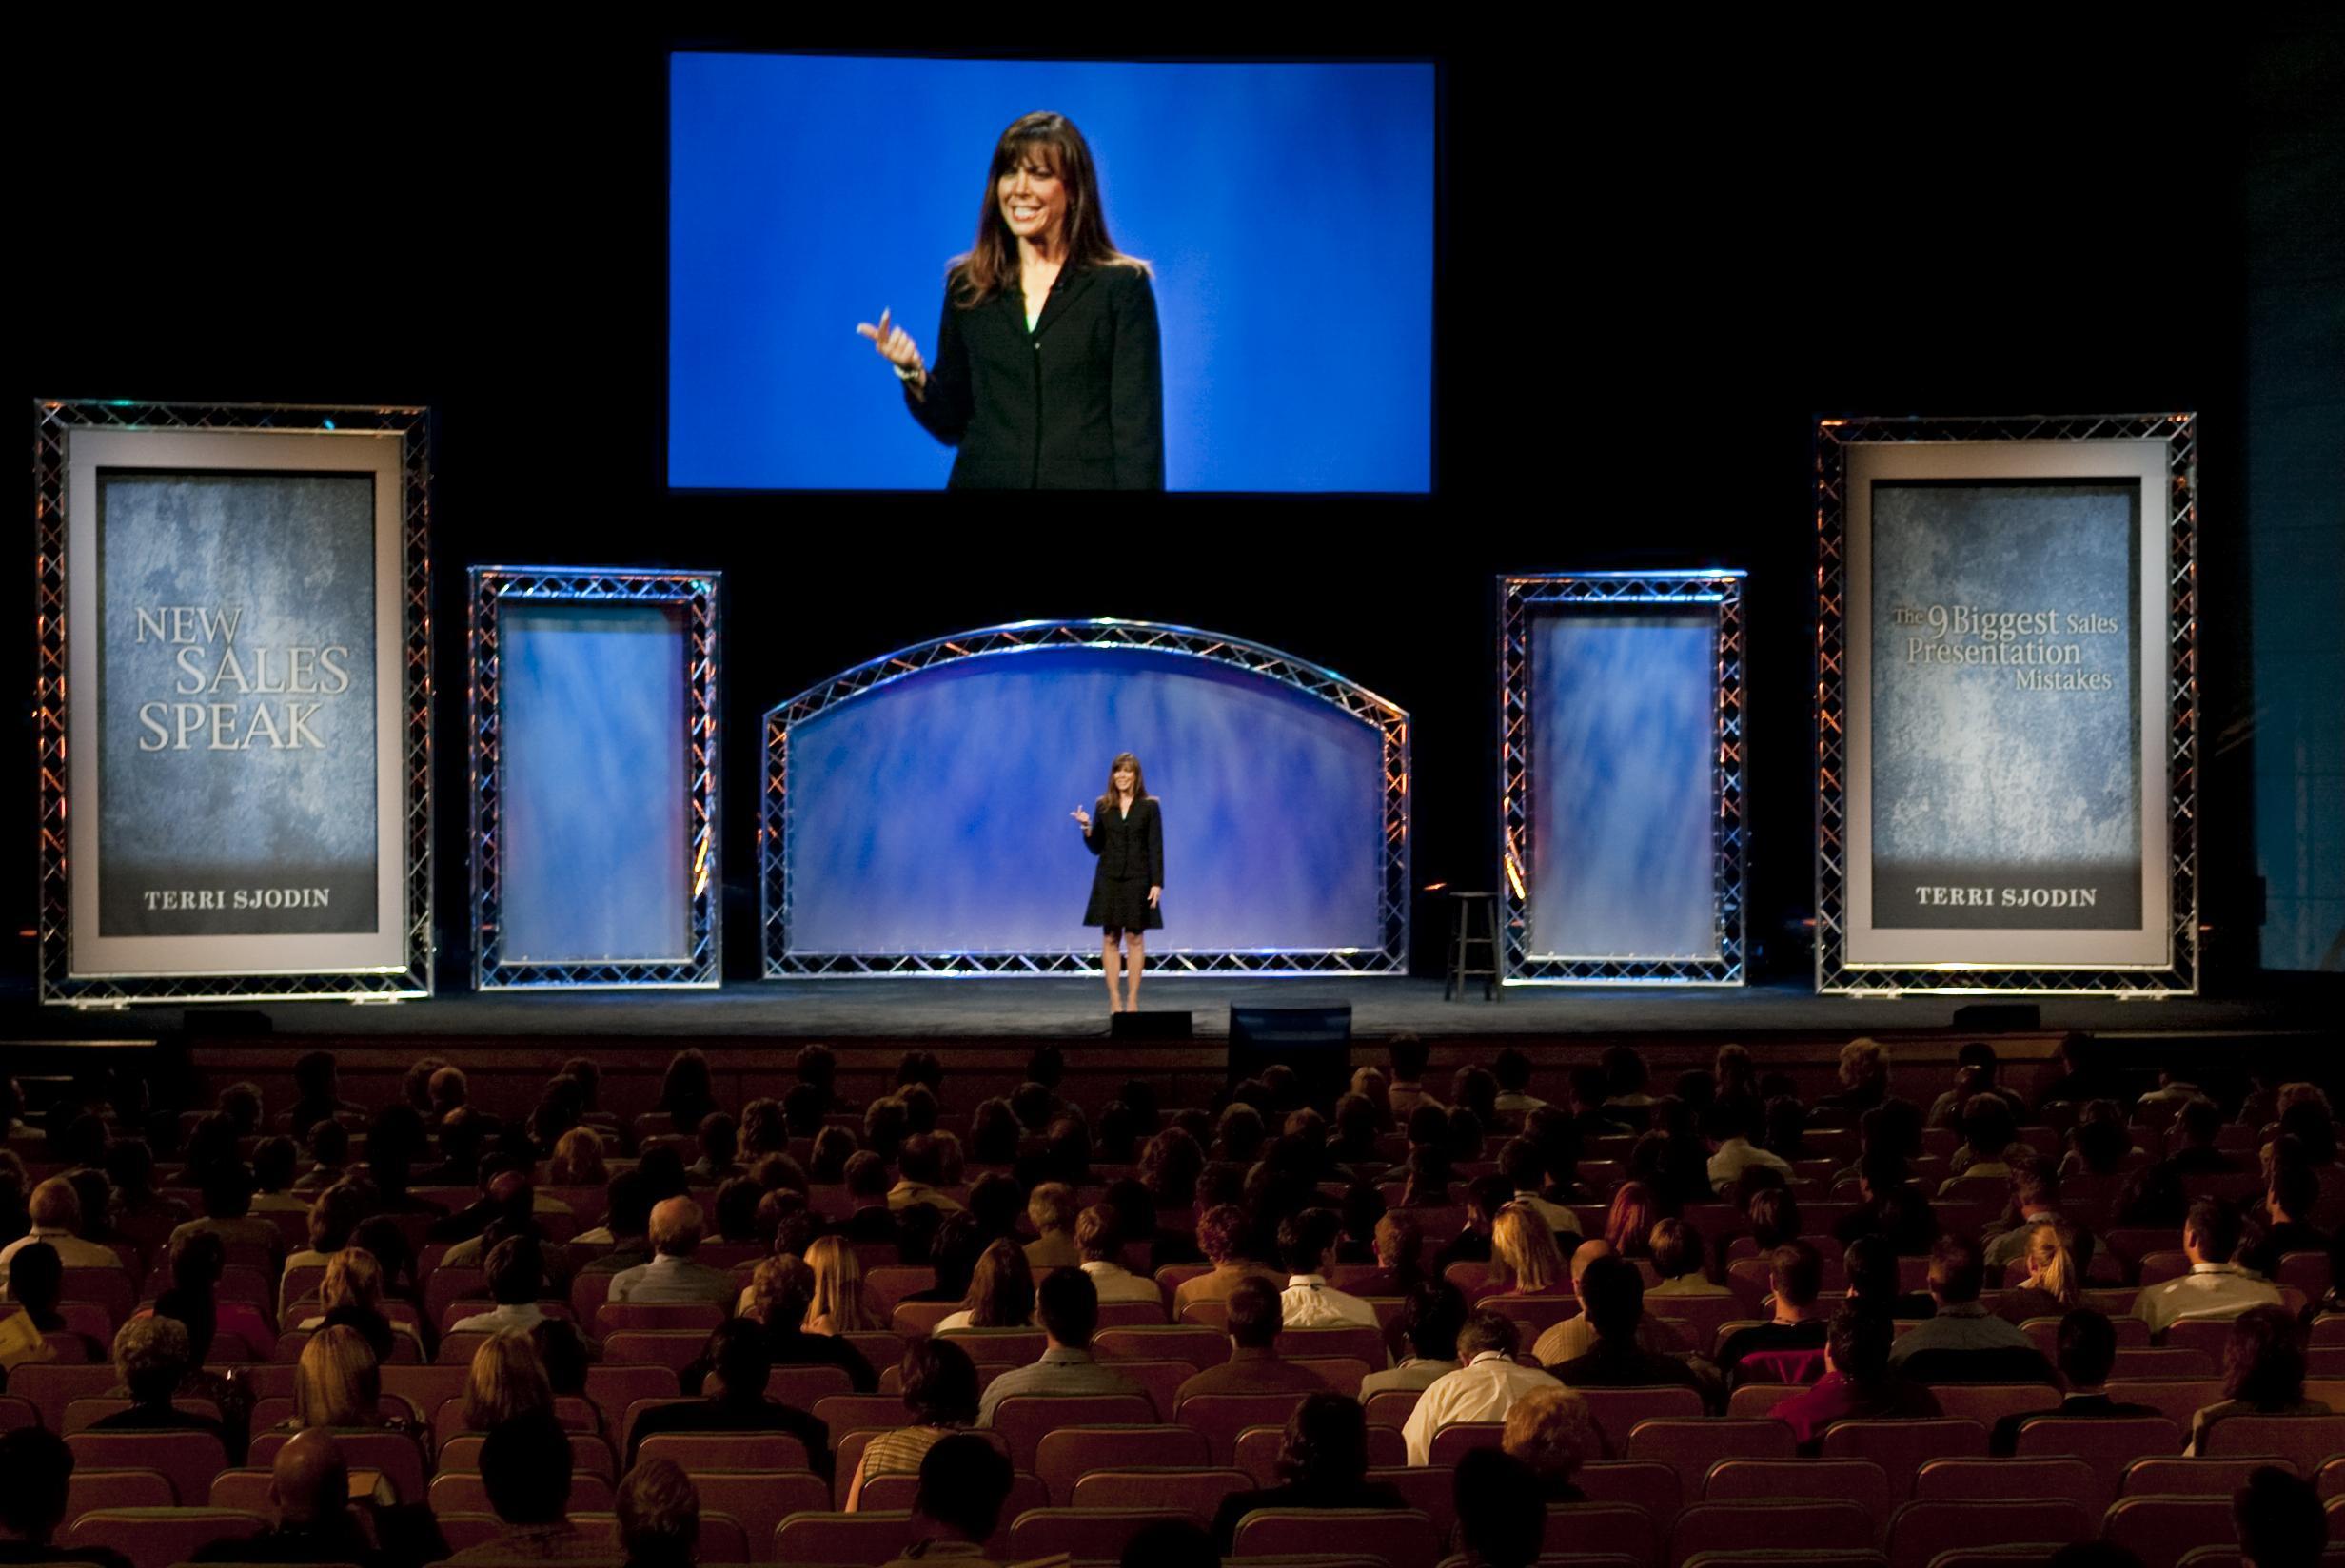 Terri Sjodin Live Presentation